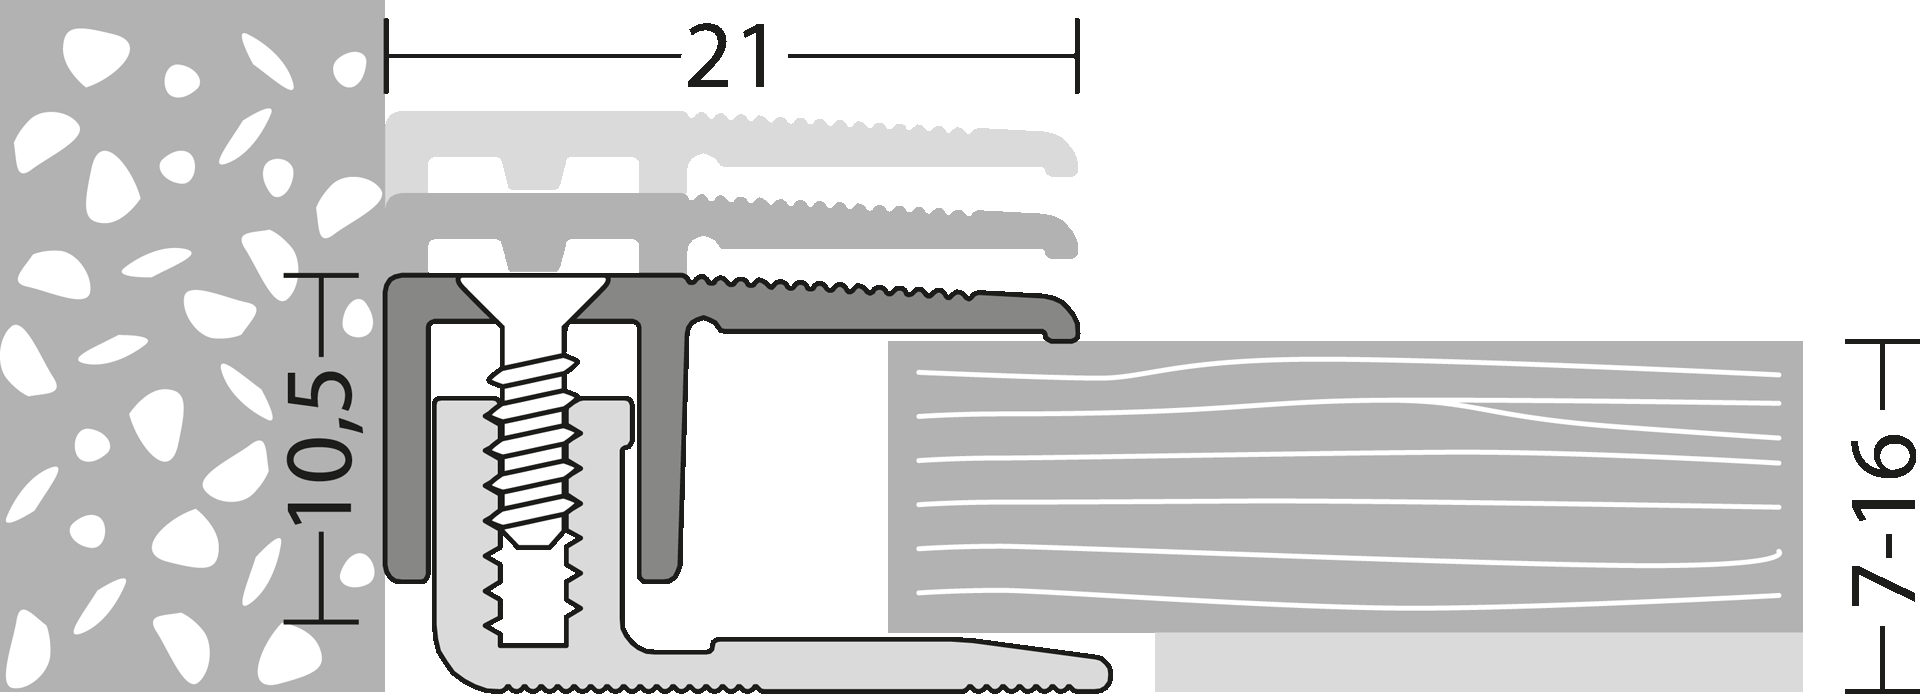 Details Abschlußprofil für Laminat & Parkettböden